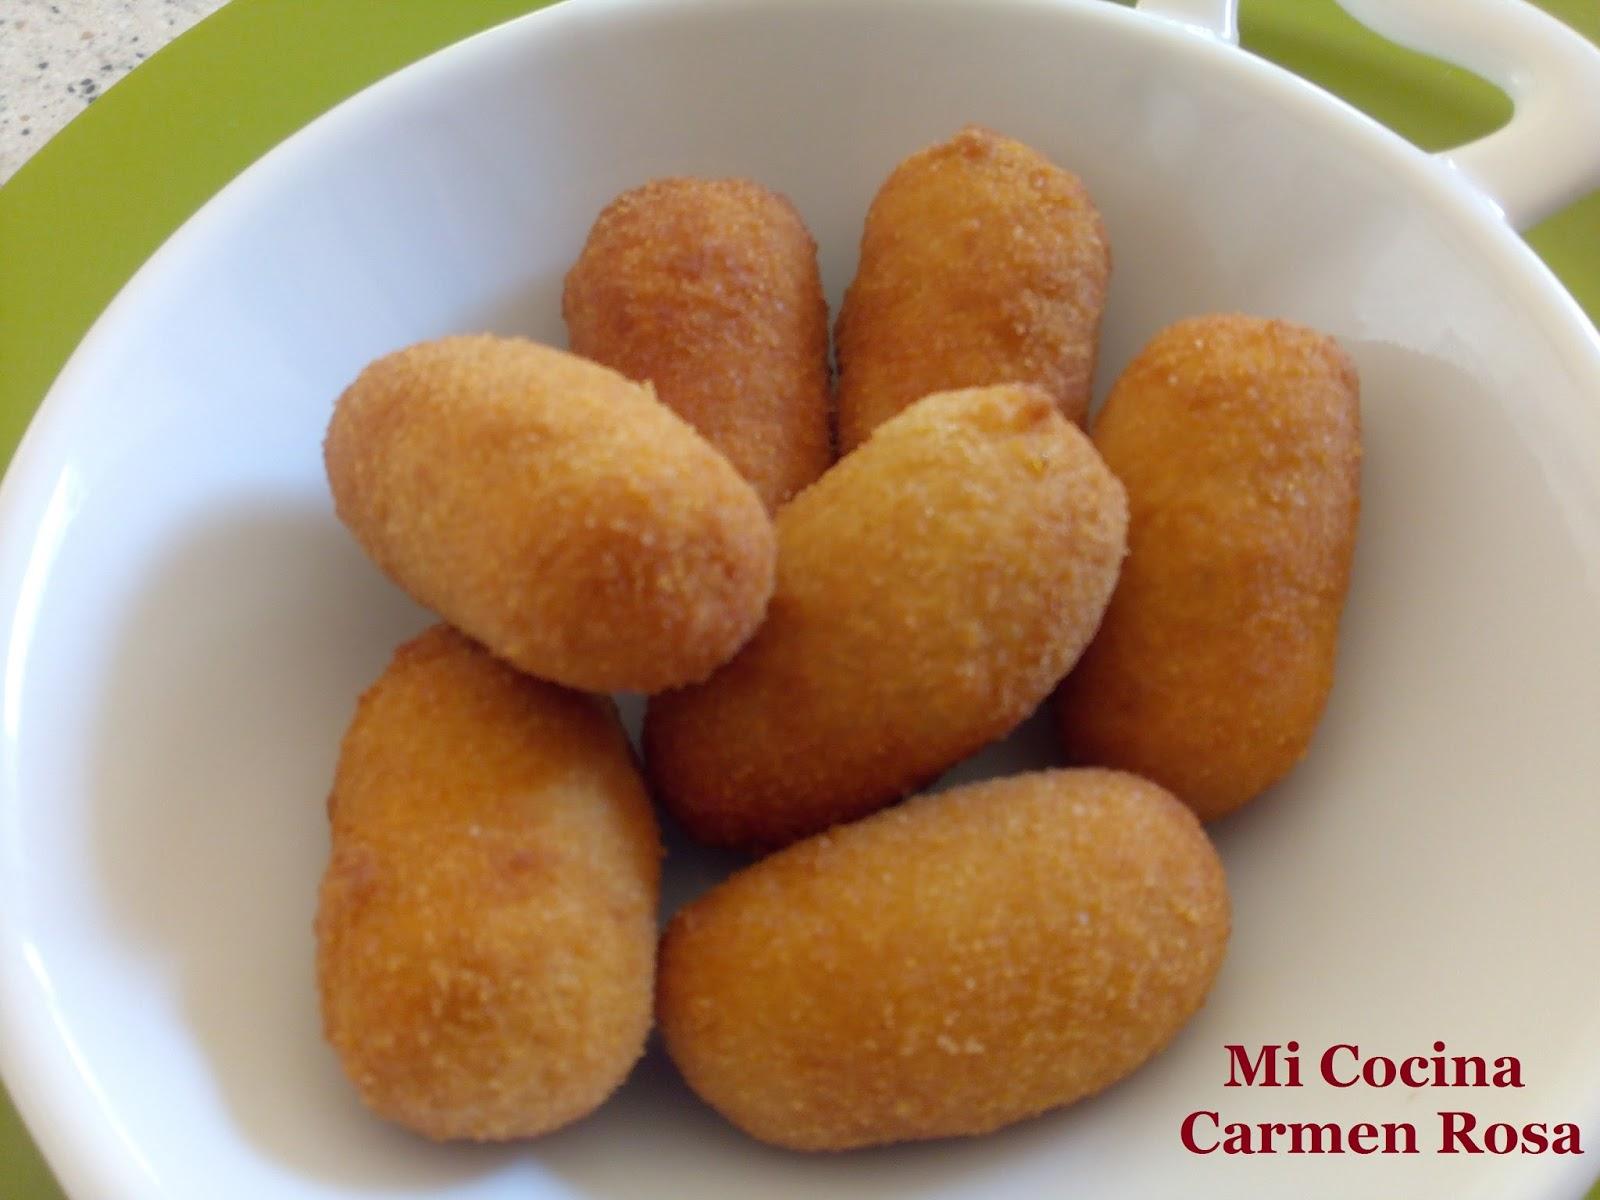 Mi cocina croquetas de langostinos al pil pil o al pimpi for Mi cocina malaga